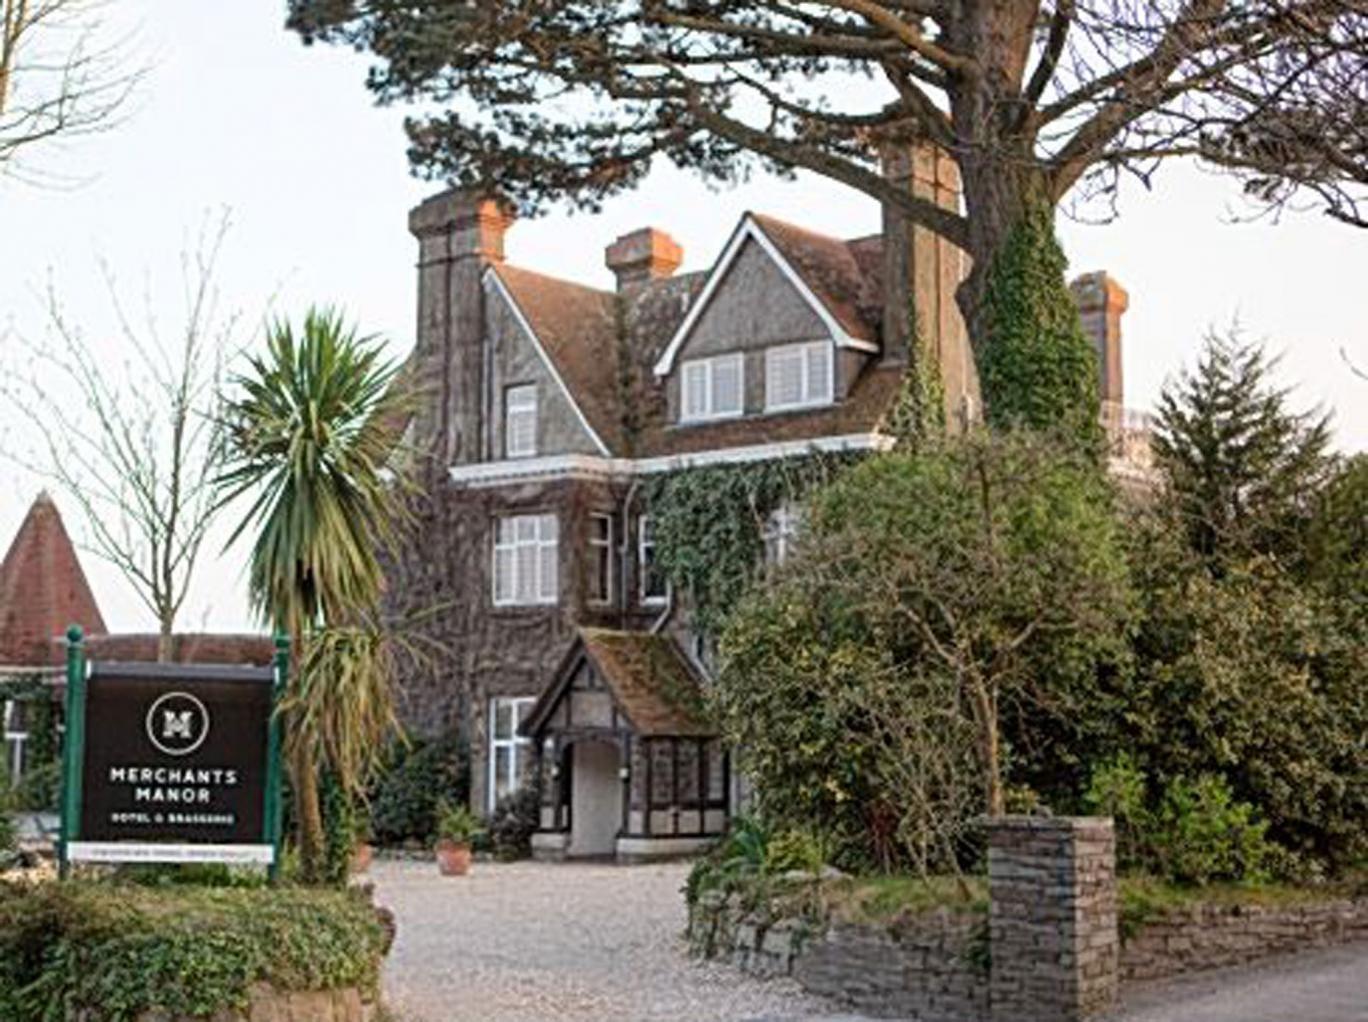 Easter escape: Merchants Manor, near Falmouth